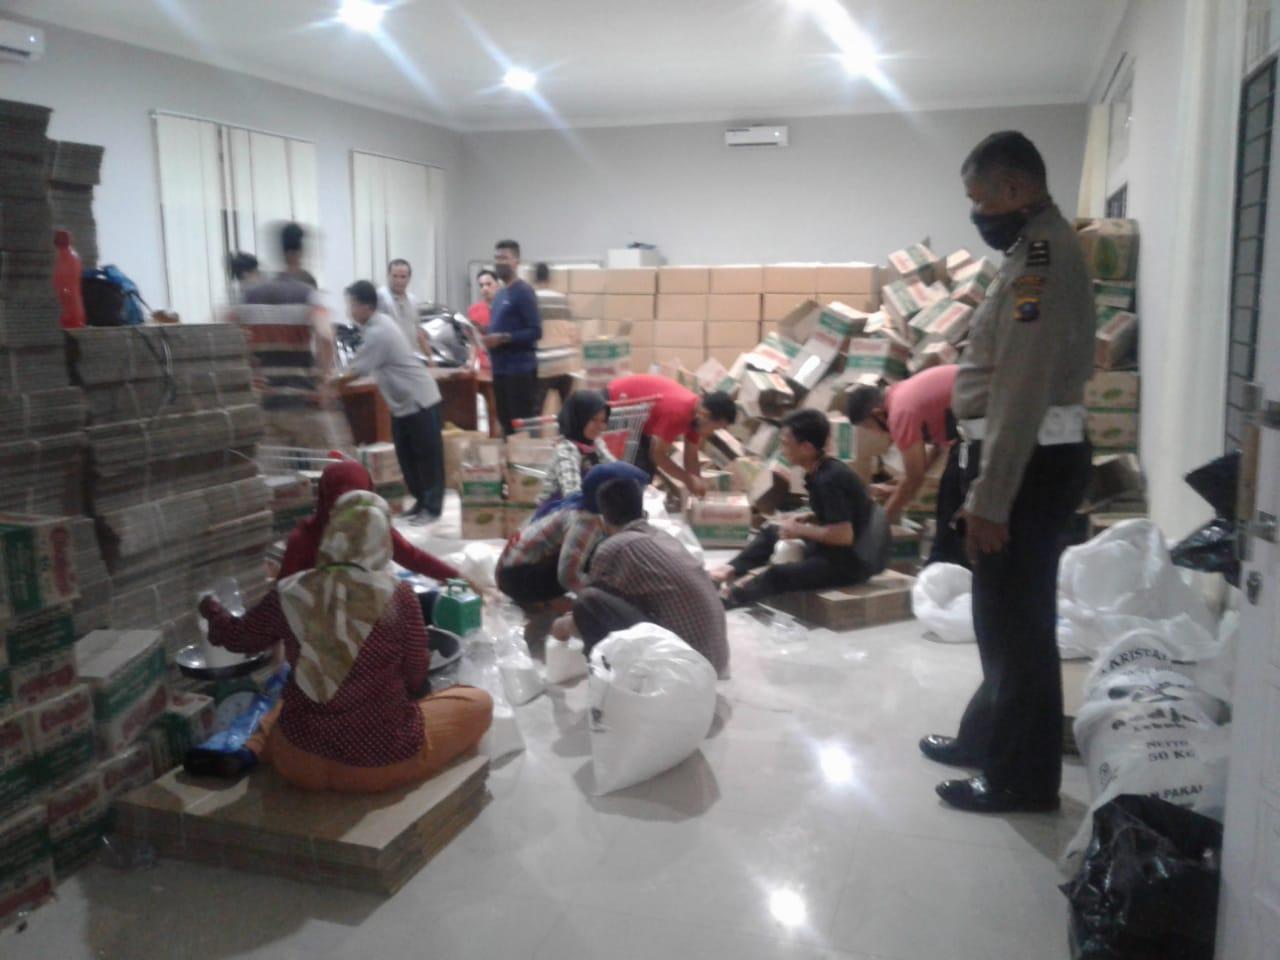 Kapolresta Deli Serdang, Kerahkan Personil Kawal Bansos Pemprov Sumut sampai ke Tangan Masyarakat